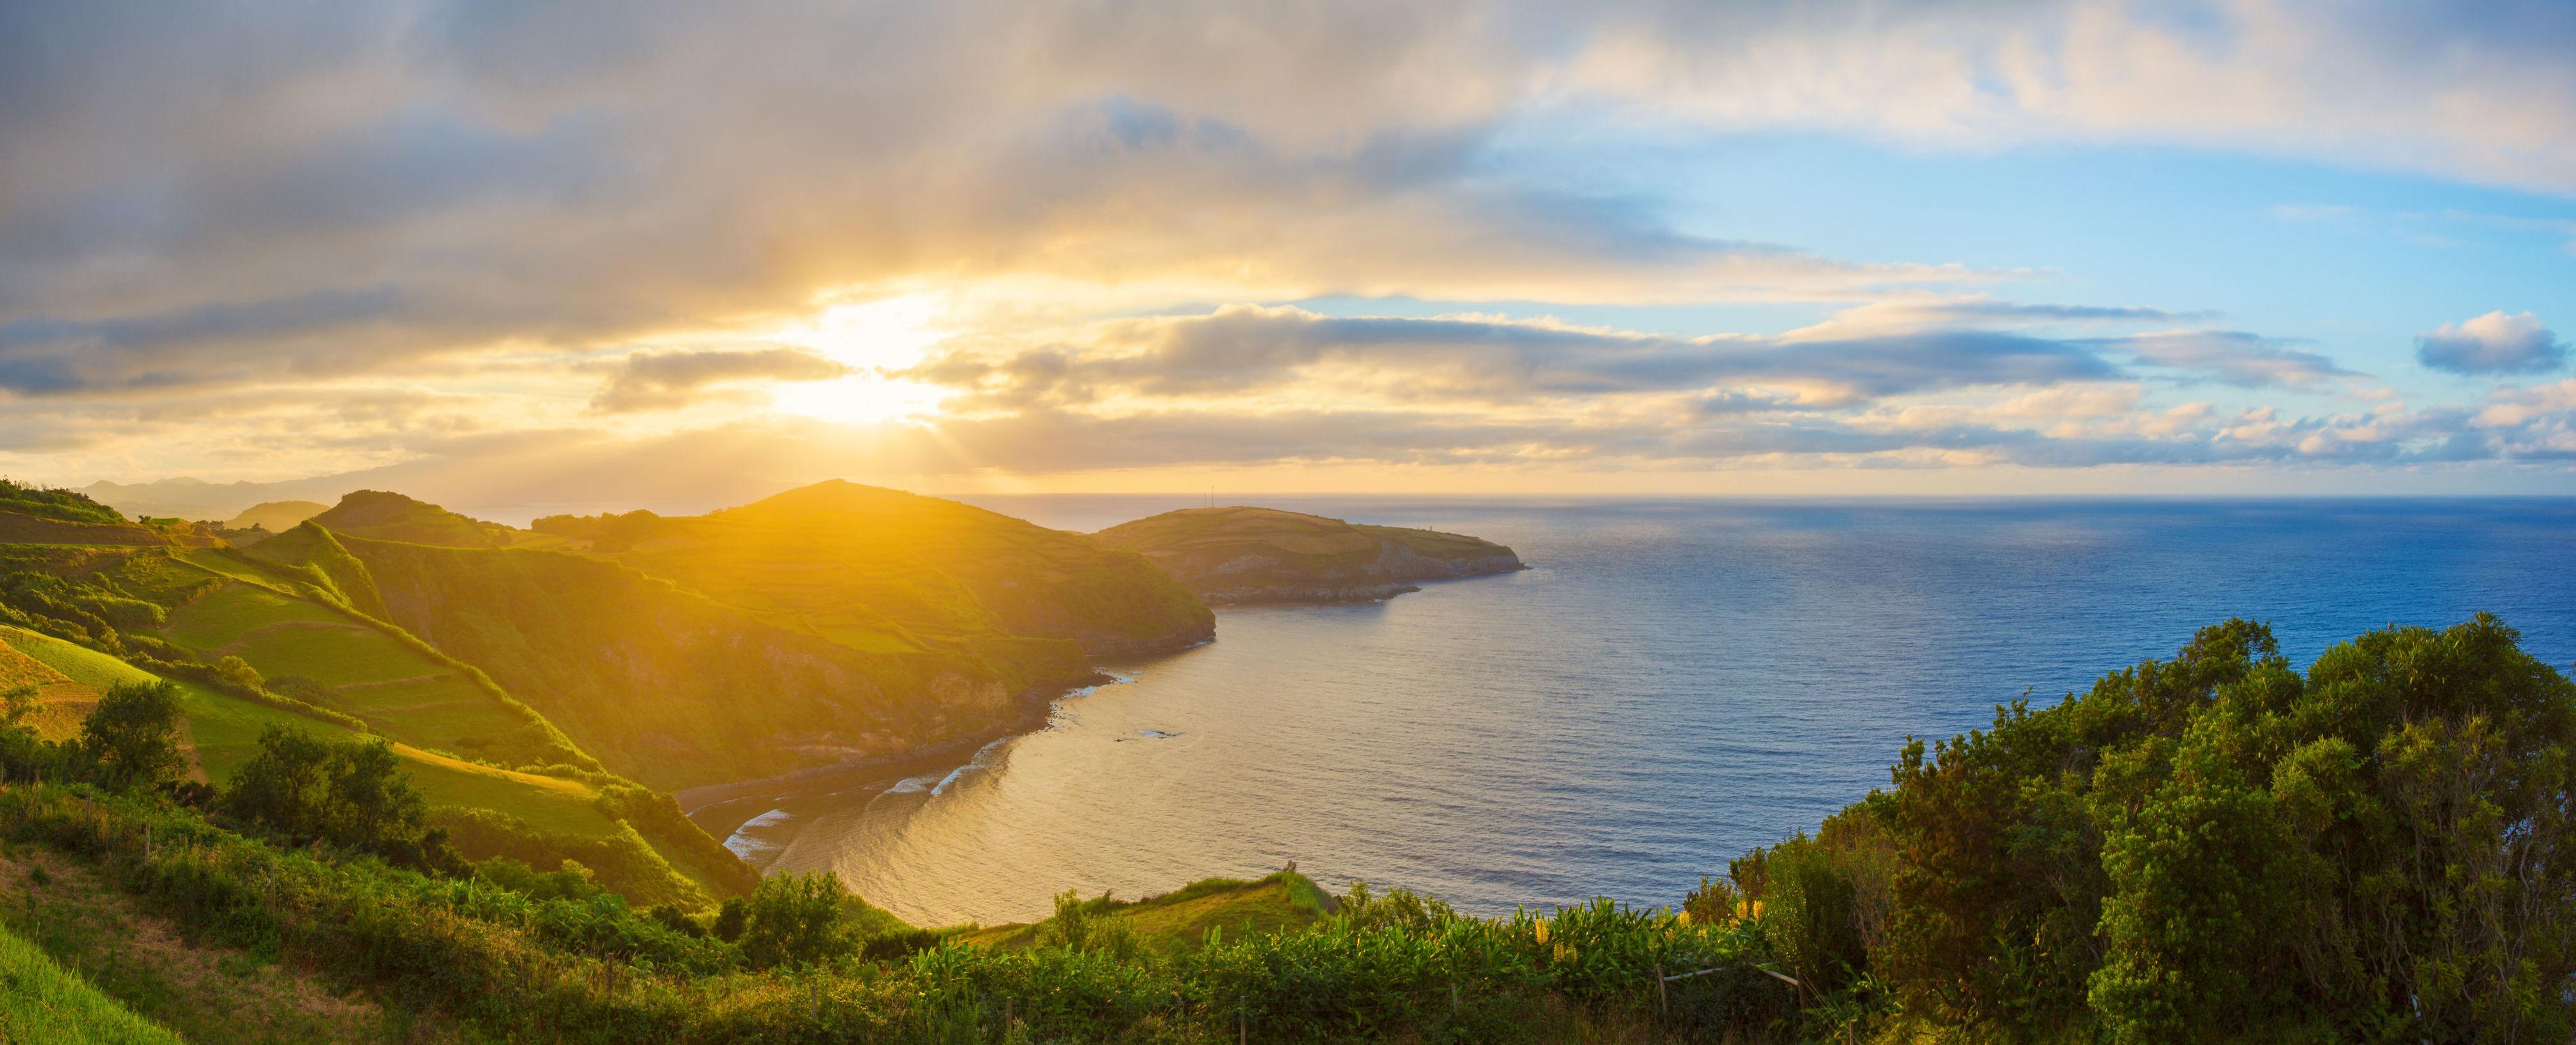 Bild mit Natur, Wasser, Berge, Gewässer, Sonnenuntergang, Sonnenaufgang, See, Am Meer, Wiesen, ozean